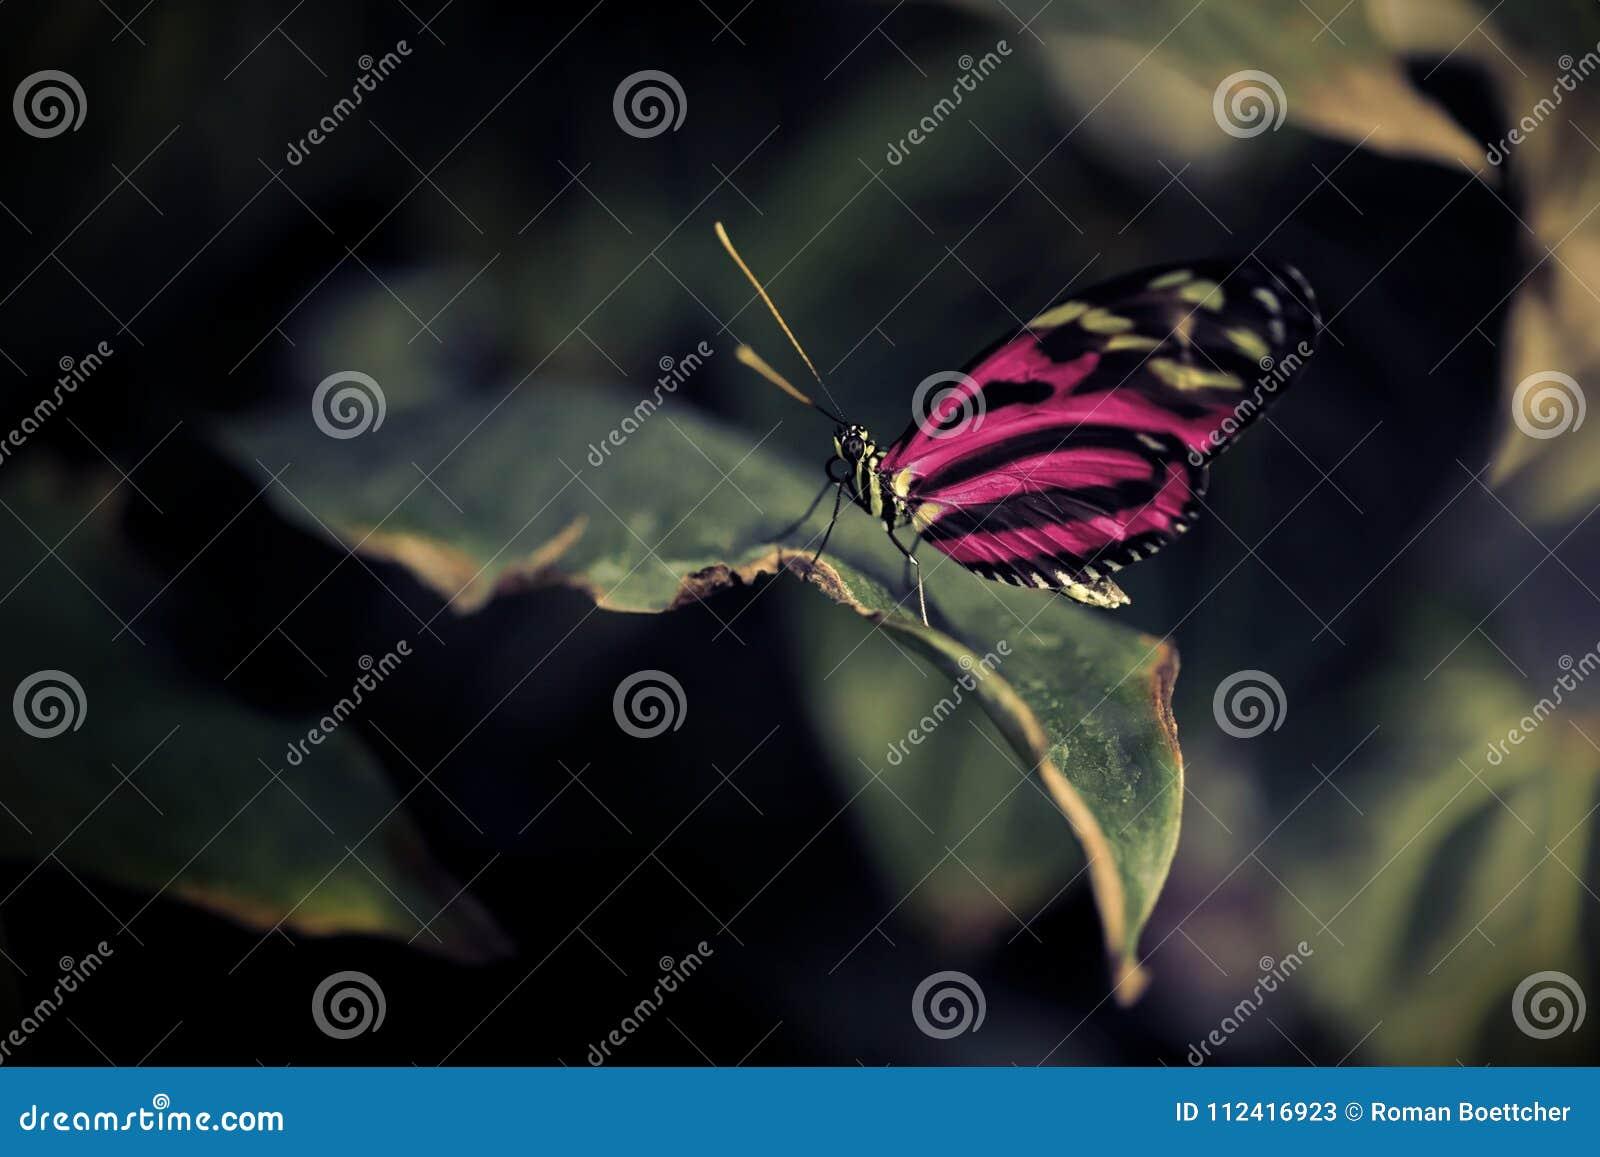 крупный план бабочки при отчуженные яркие розовые крыла сидя на лист в сравнивать темный sorrounding